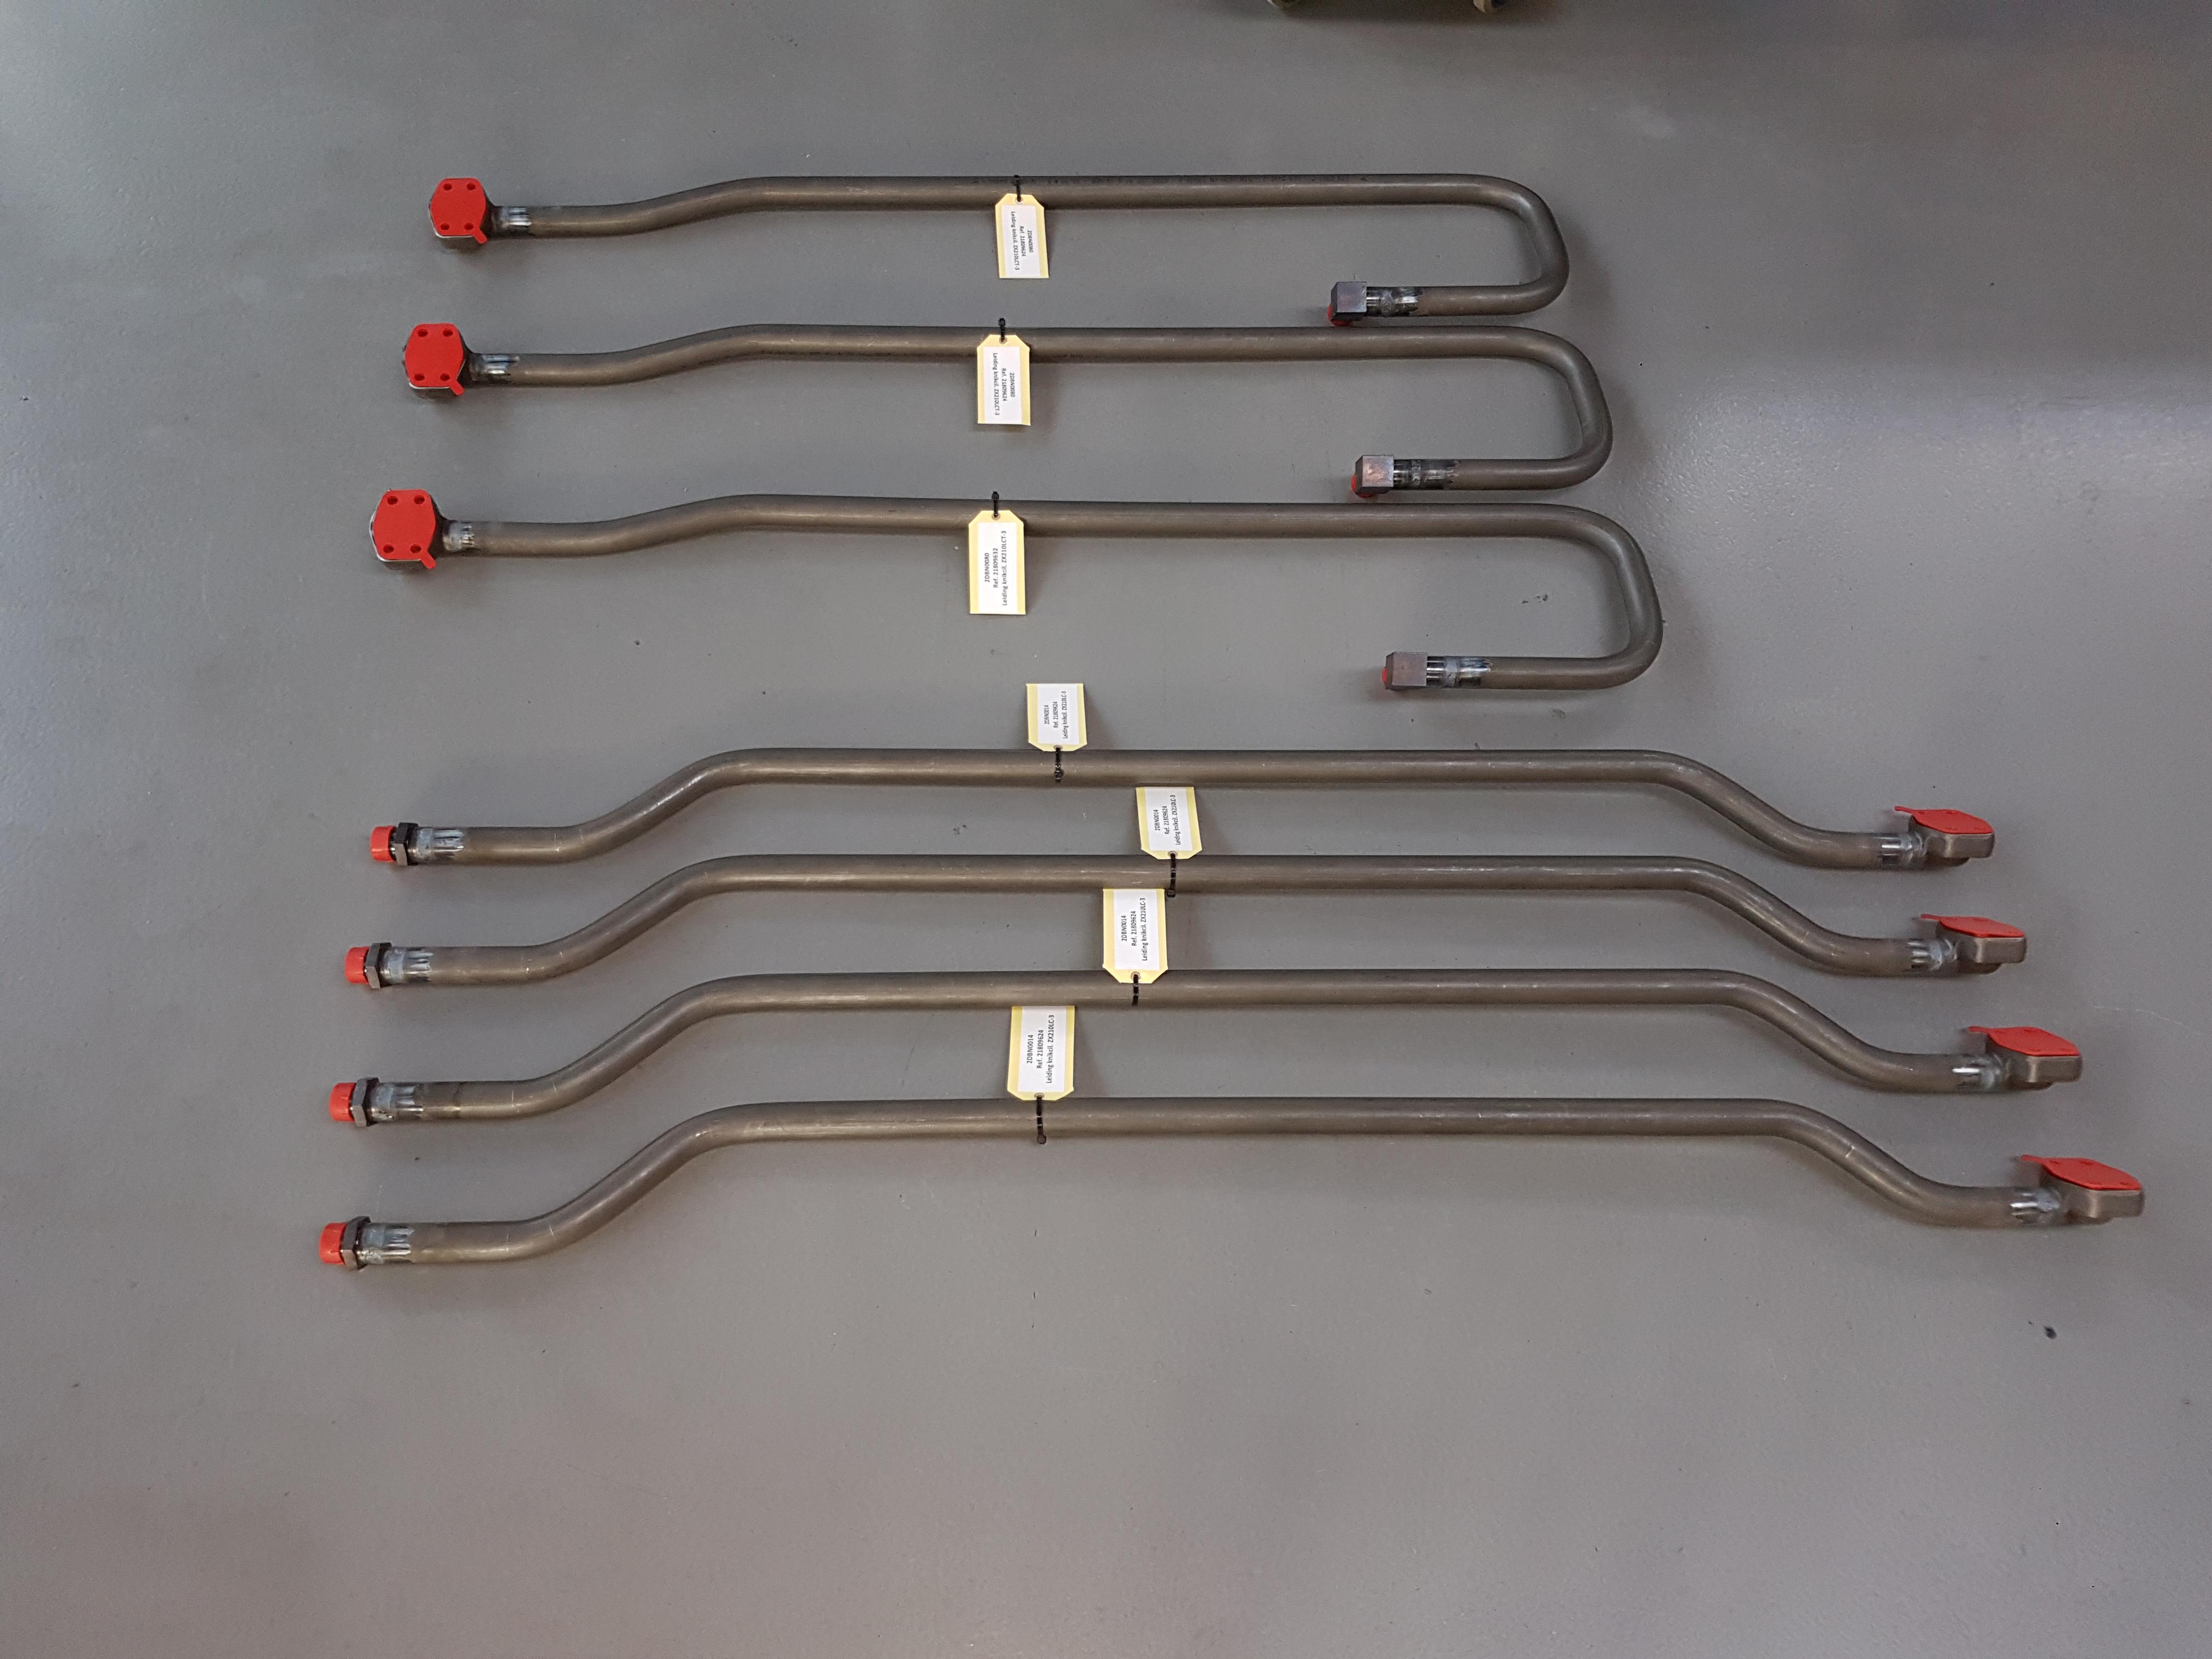 Een halve elftal leidingassemblages voor de firma Luyckx (ZX210LC-3 + ZX210LCT-3)